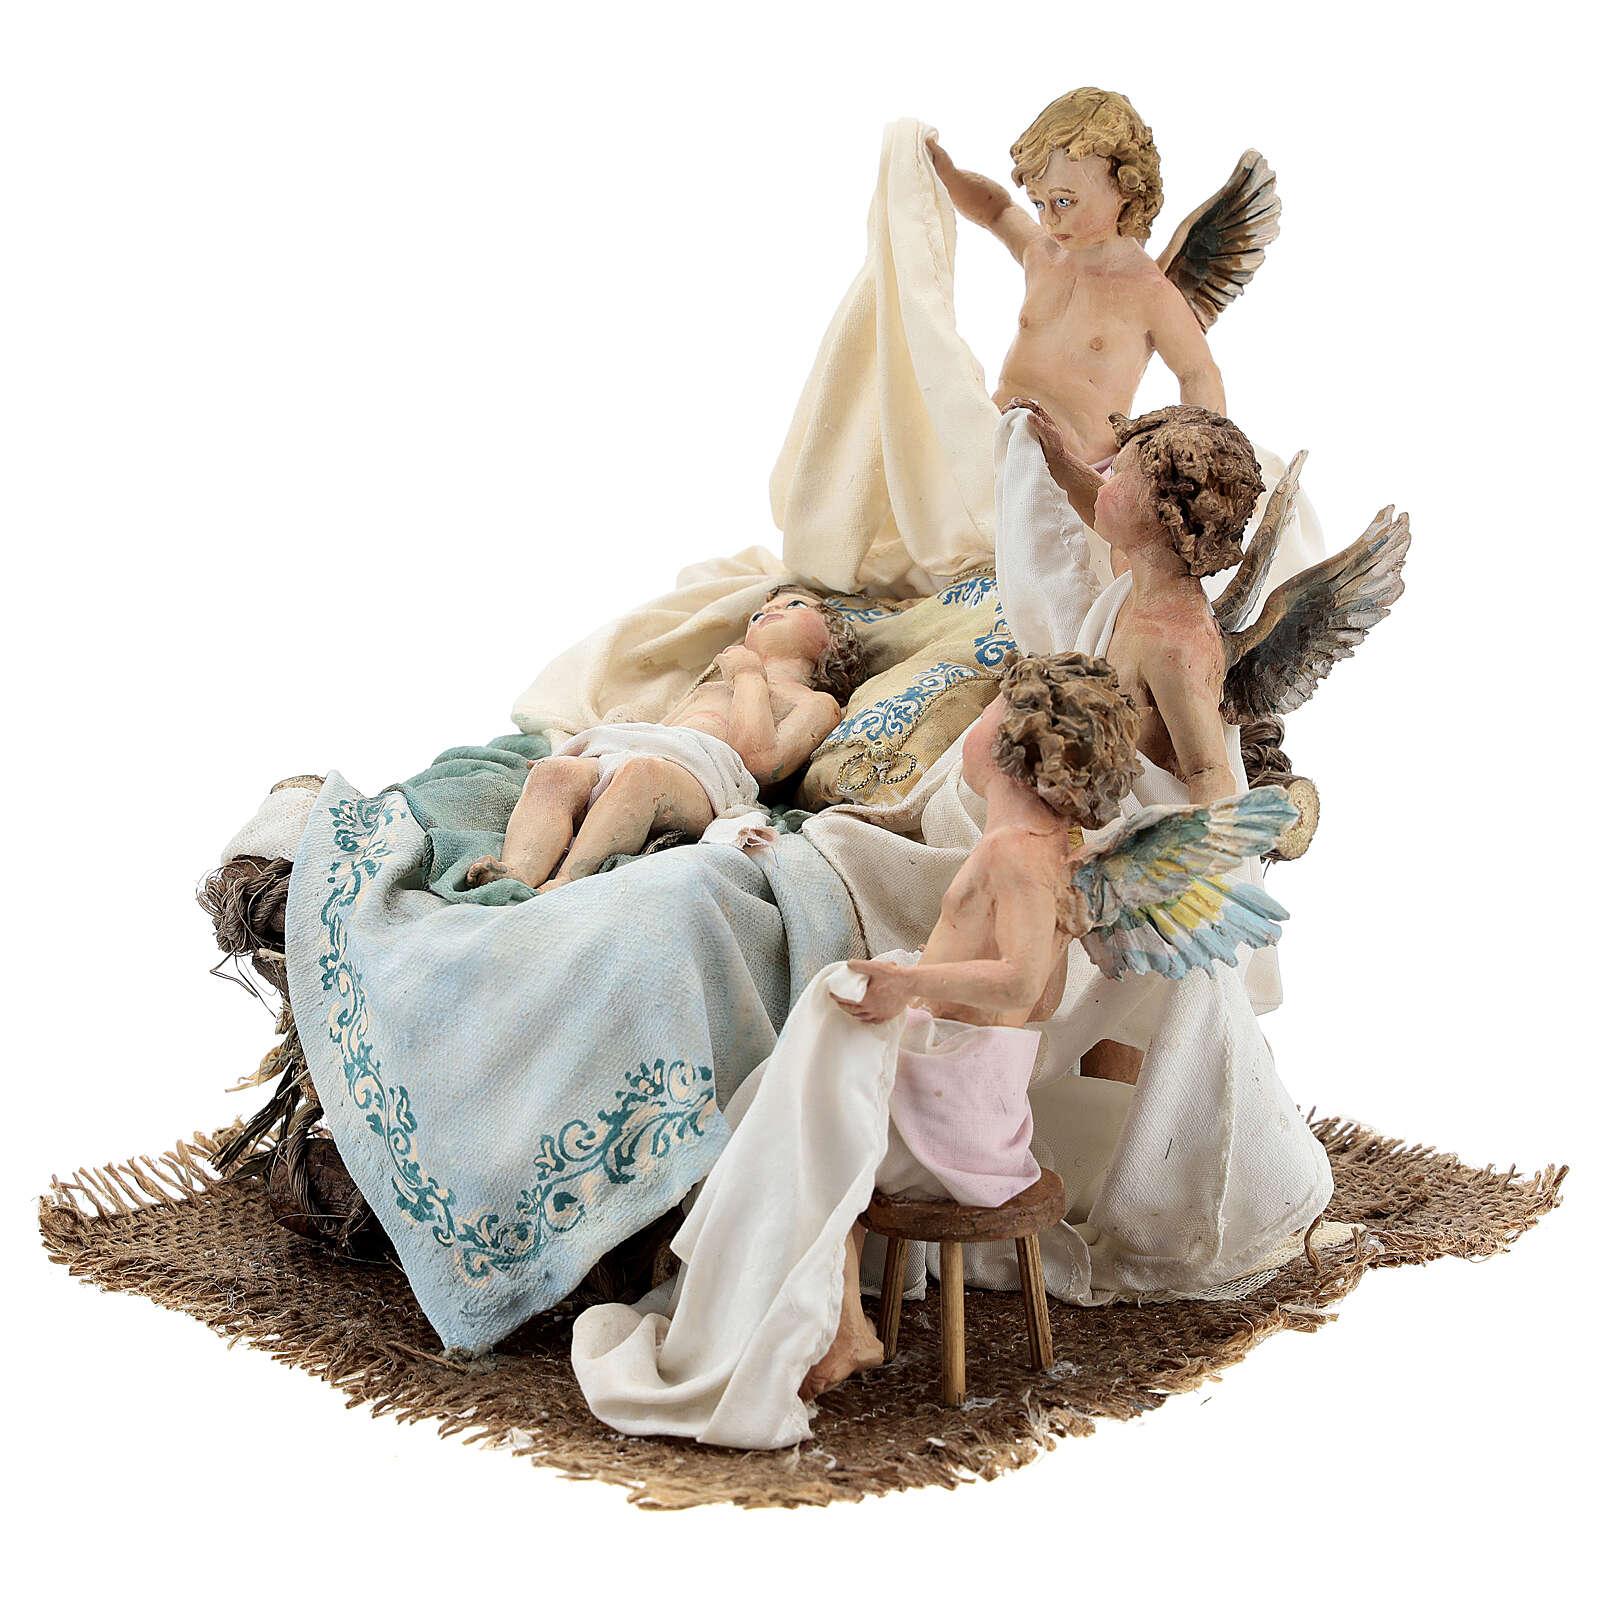 Berceau avec anges Angela Tripi 30 cm 4